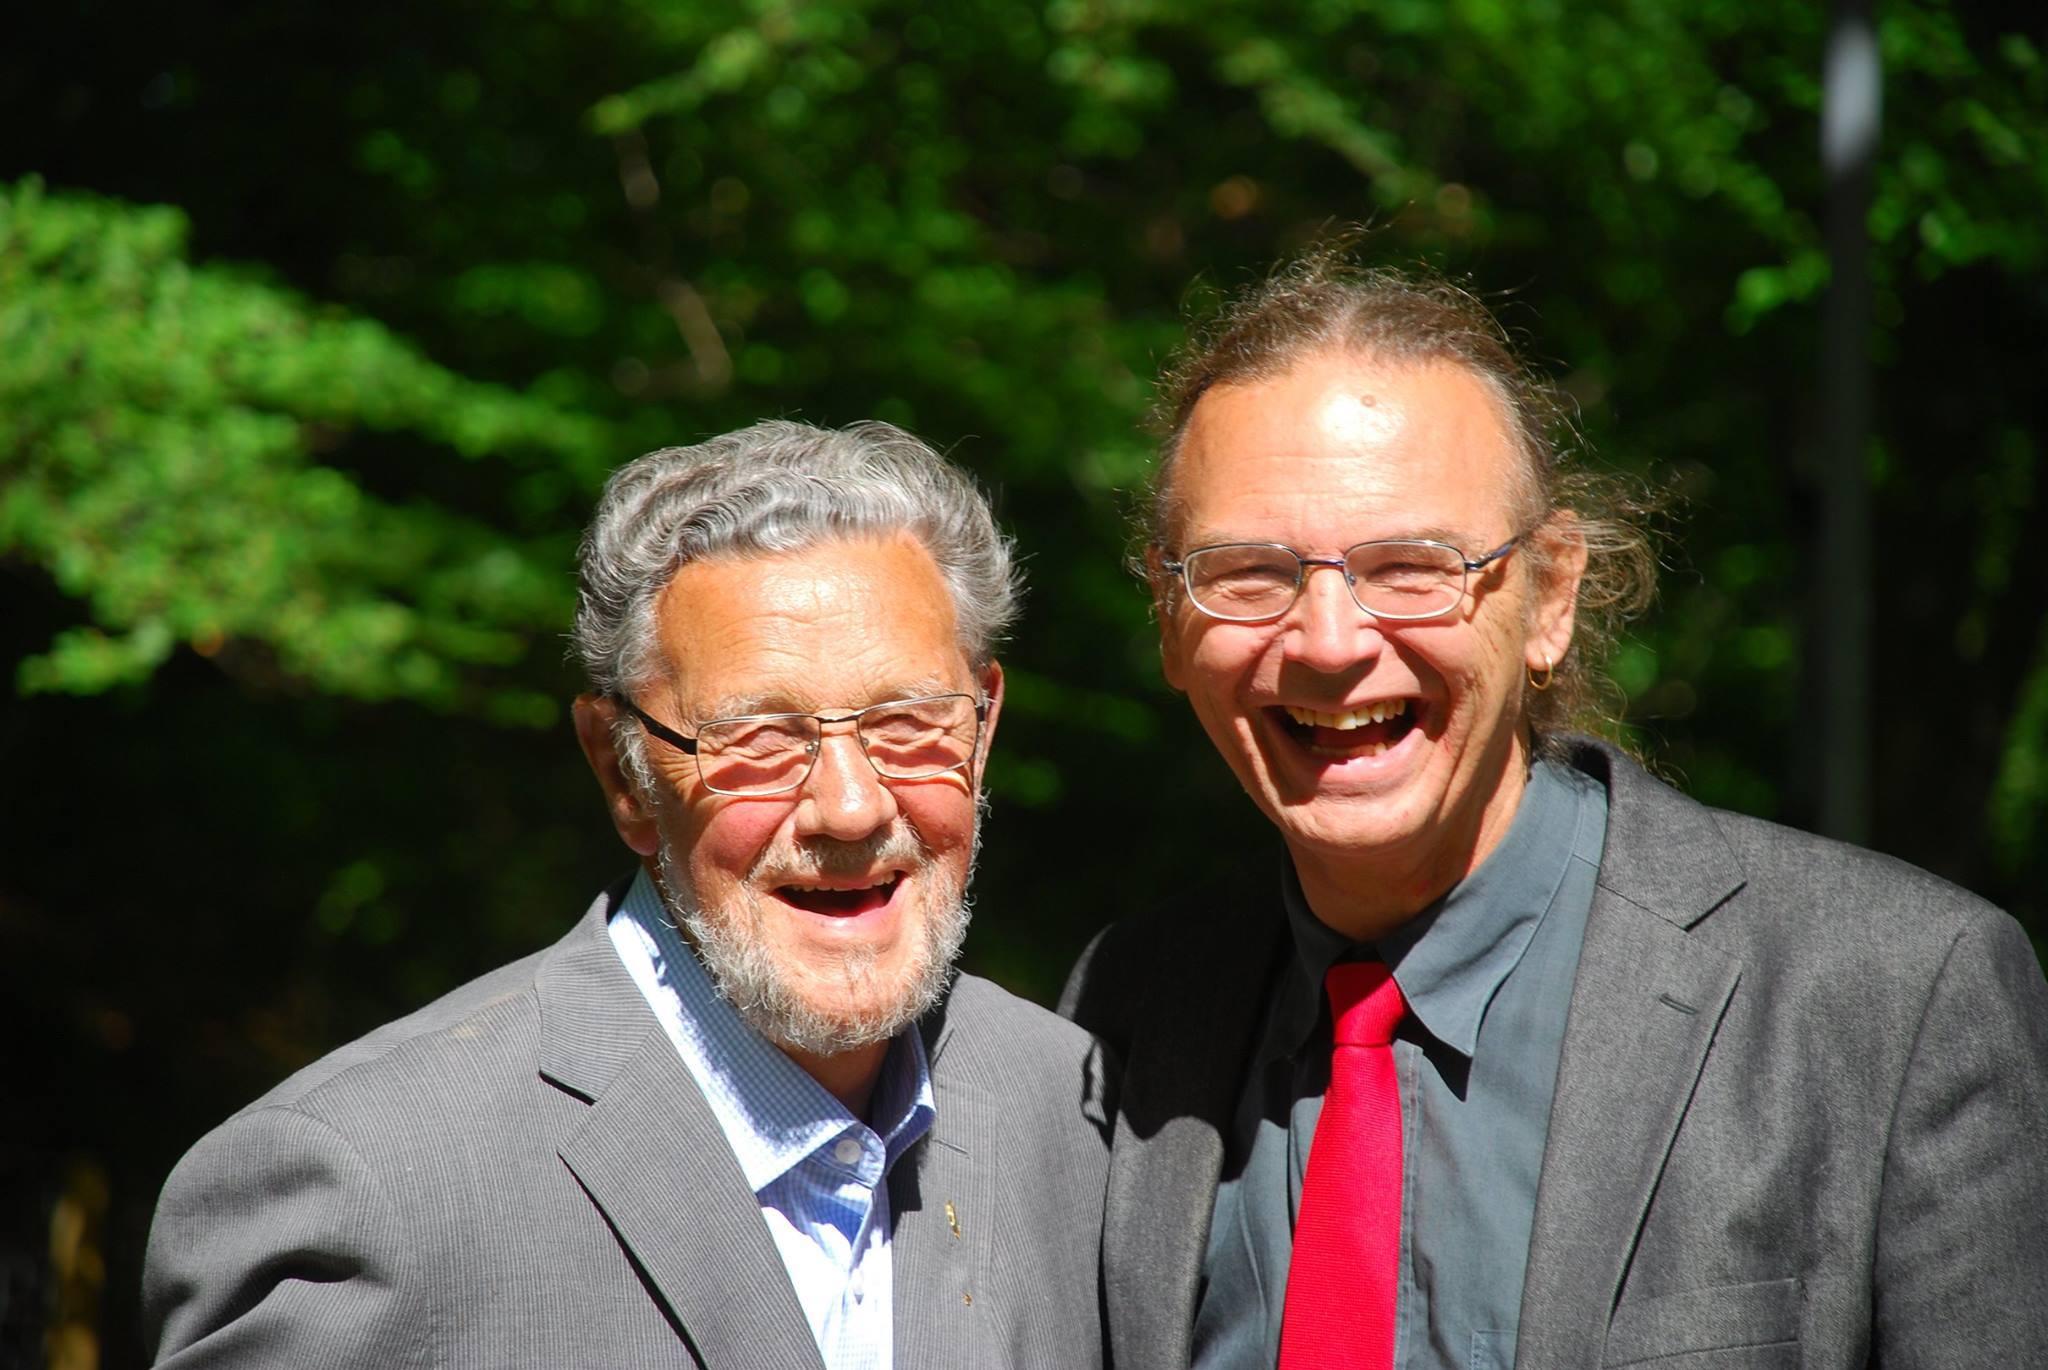 Torsten Simander with his son Stefan